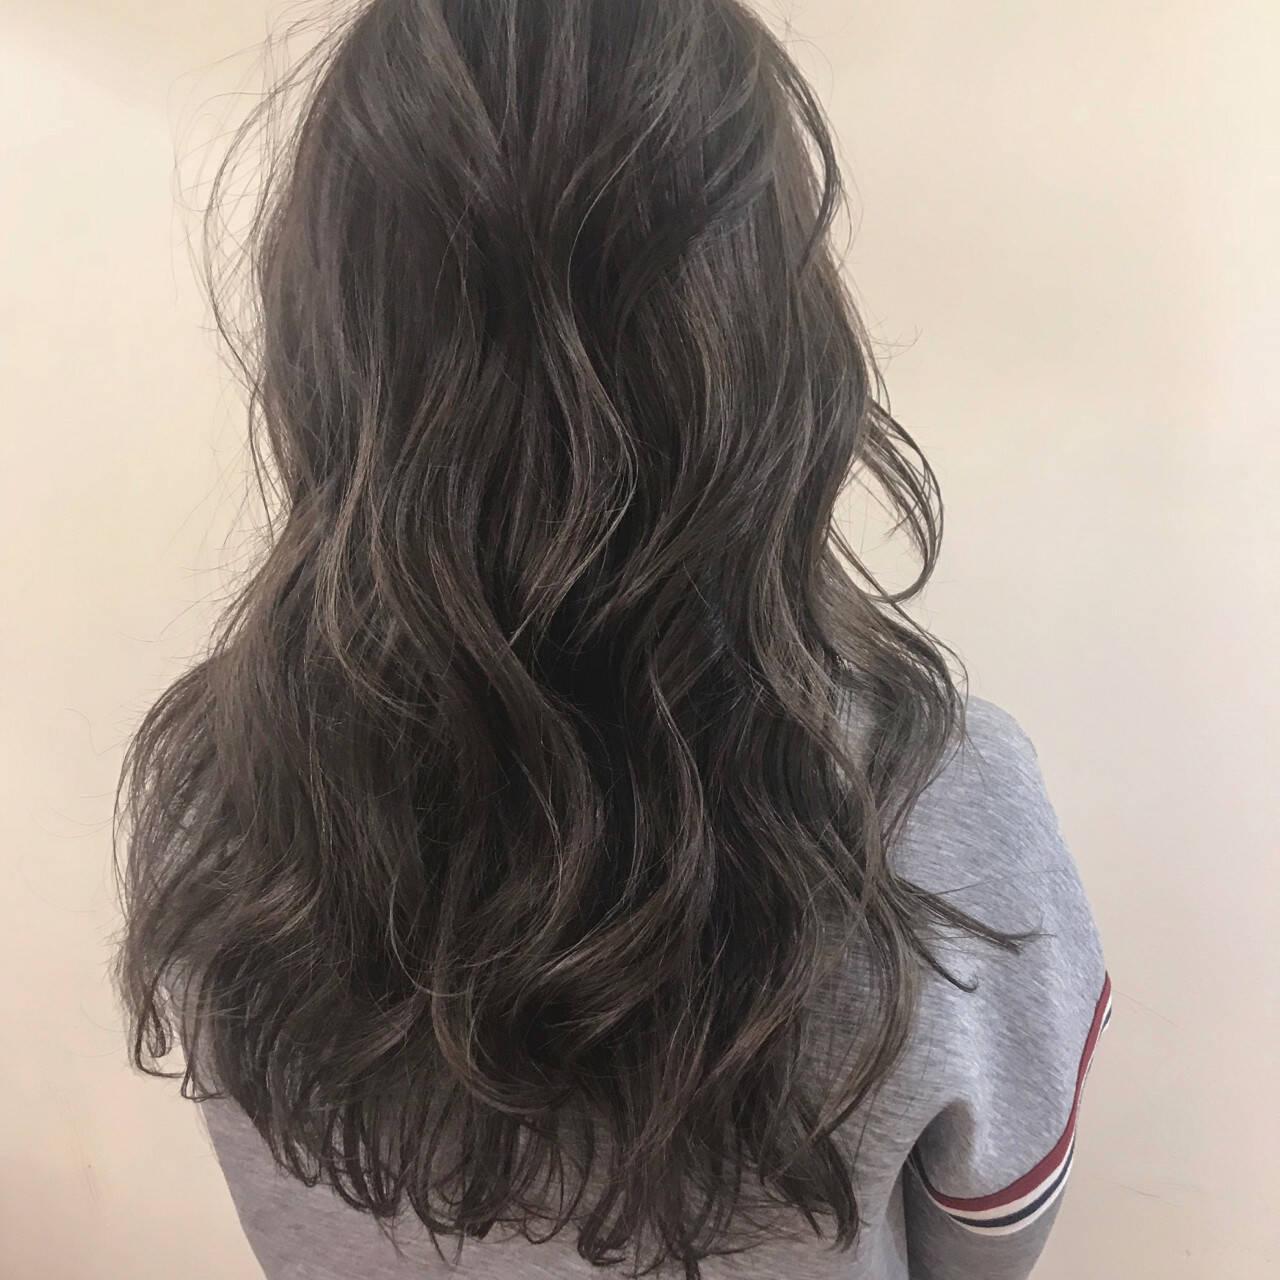 アンニュイ ゆるふわ デート ロングヘアスタイルや髪型の写真・画像